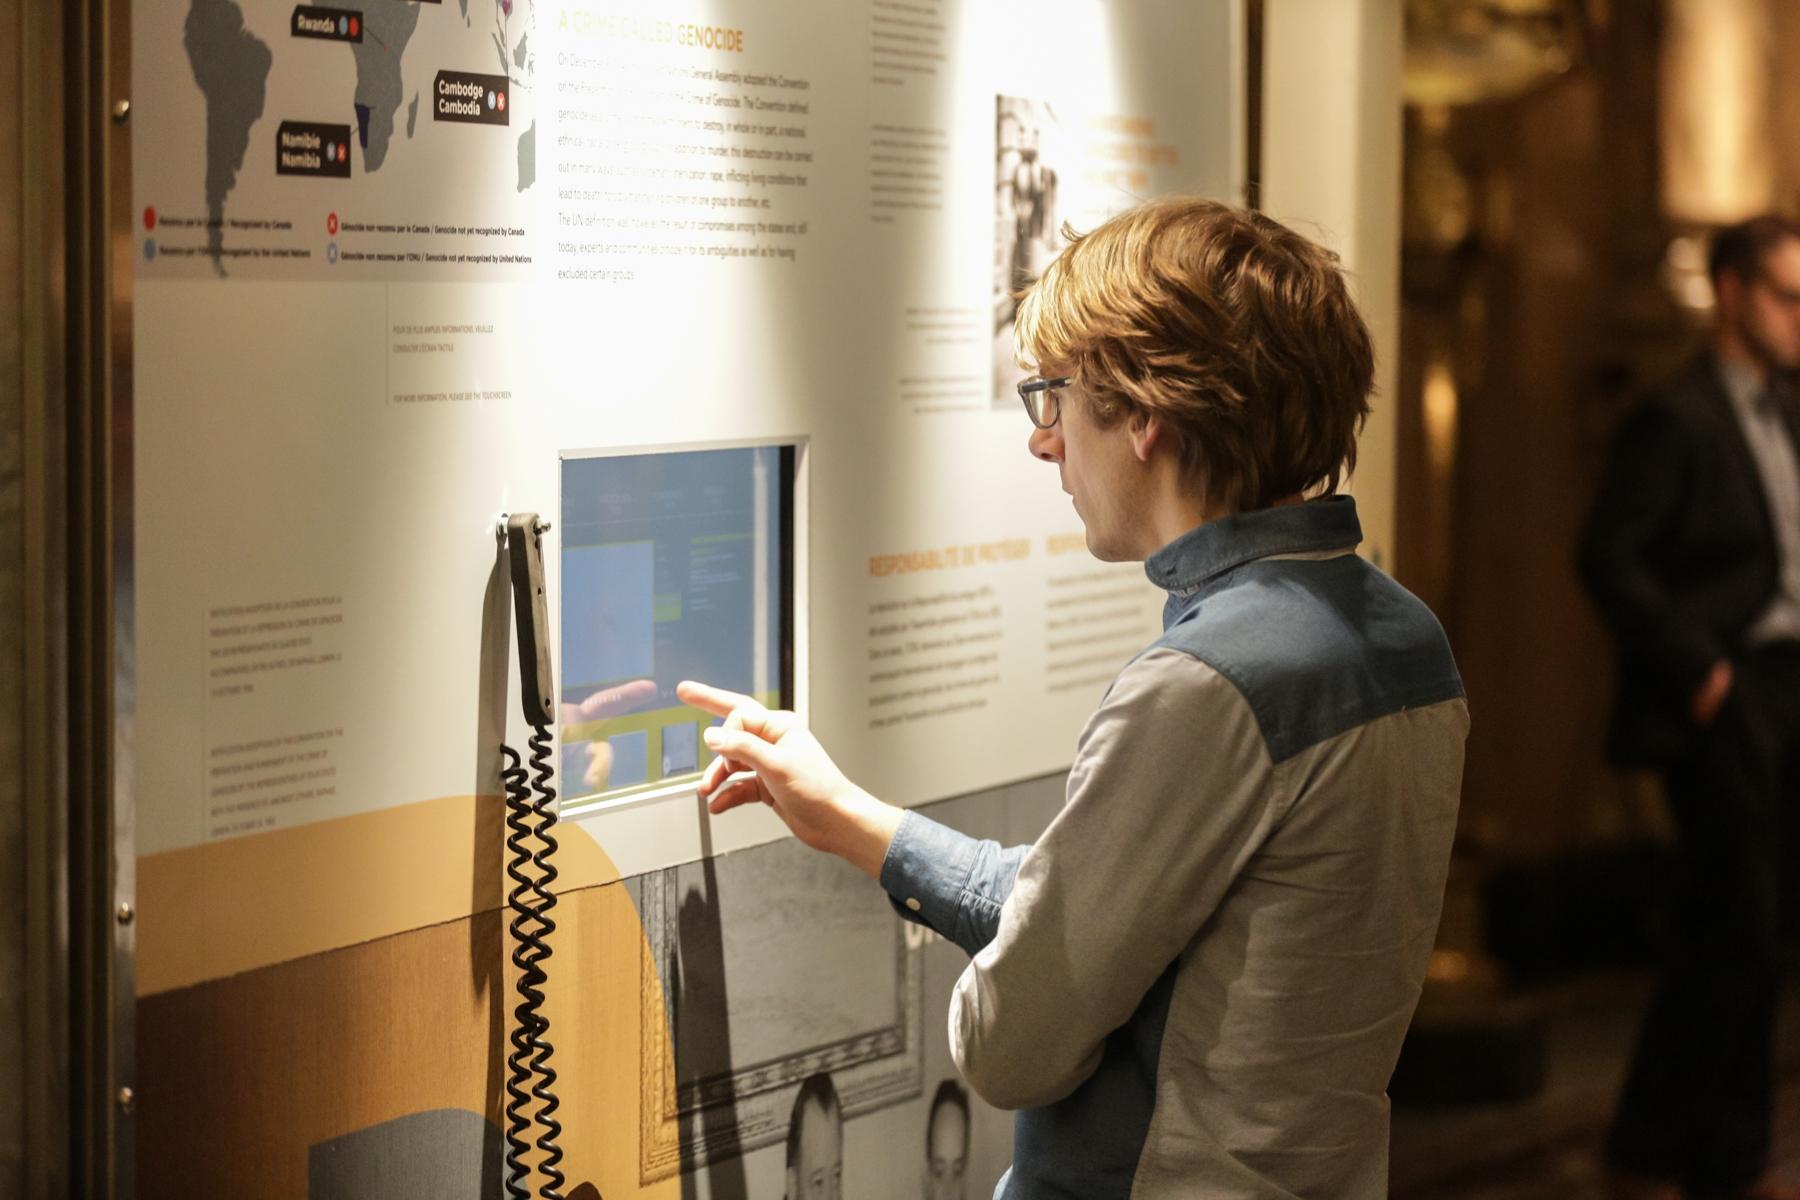 """L'exposition itinérante """"Ensemble contre le génocide : comprendre, questionner, prévenir"""" contient un système multimédia permettant la diffusion de témoignages, des entrevues avec des experts et des lignes du temps."""